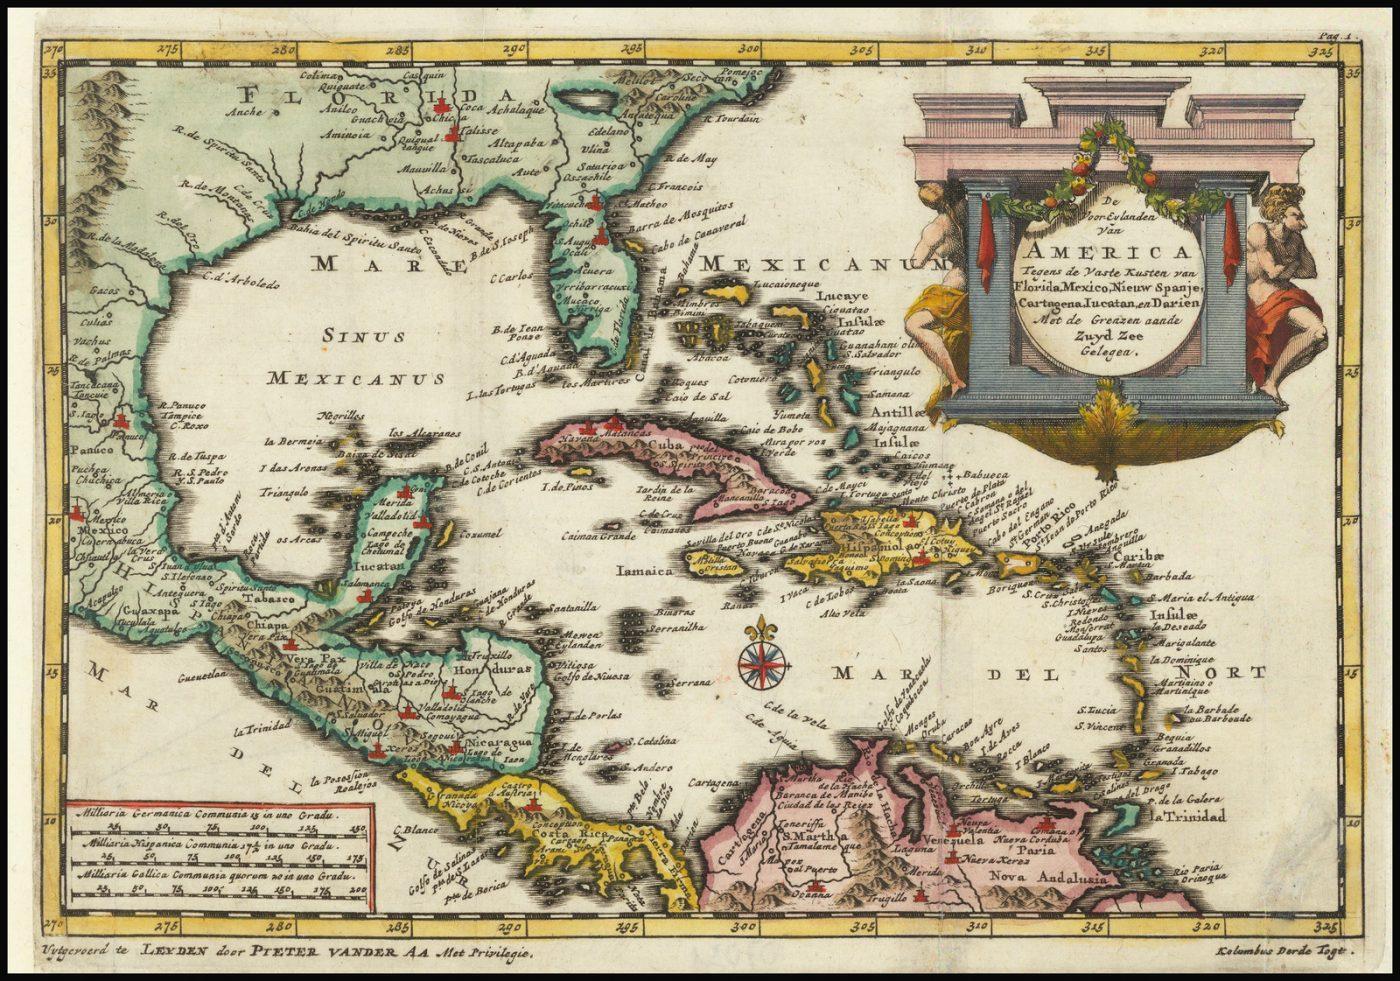 Старинная карта Флориды и Карибского бассейна, используемая Питером ван дер Аa для иллюстрации голландского перевода рассказа об одном из путешествий Колумба в Новый Свет